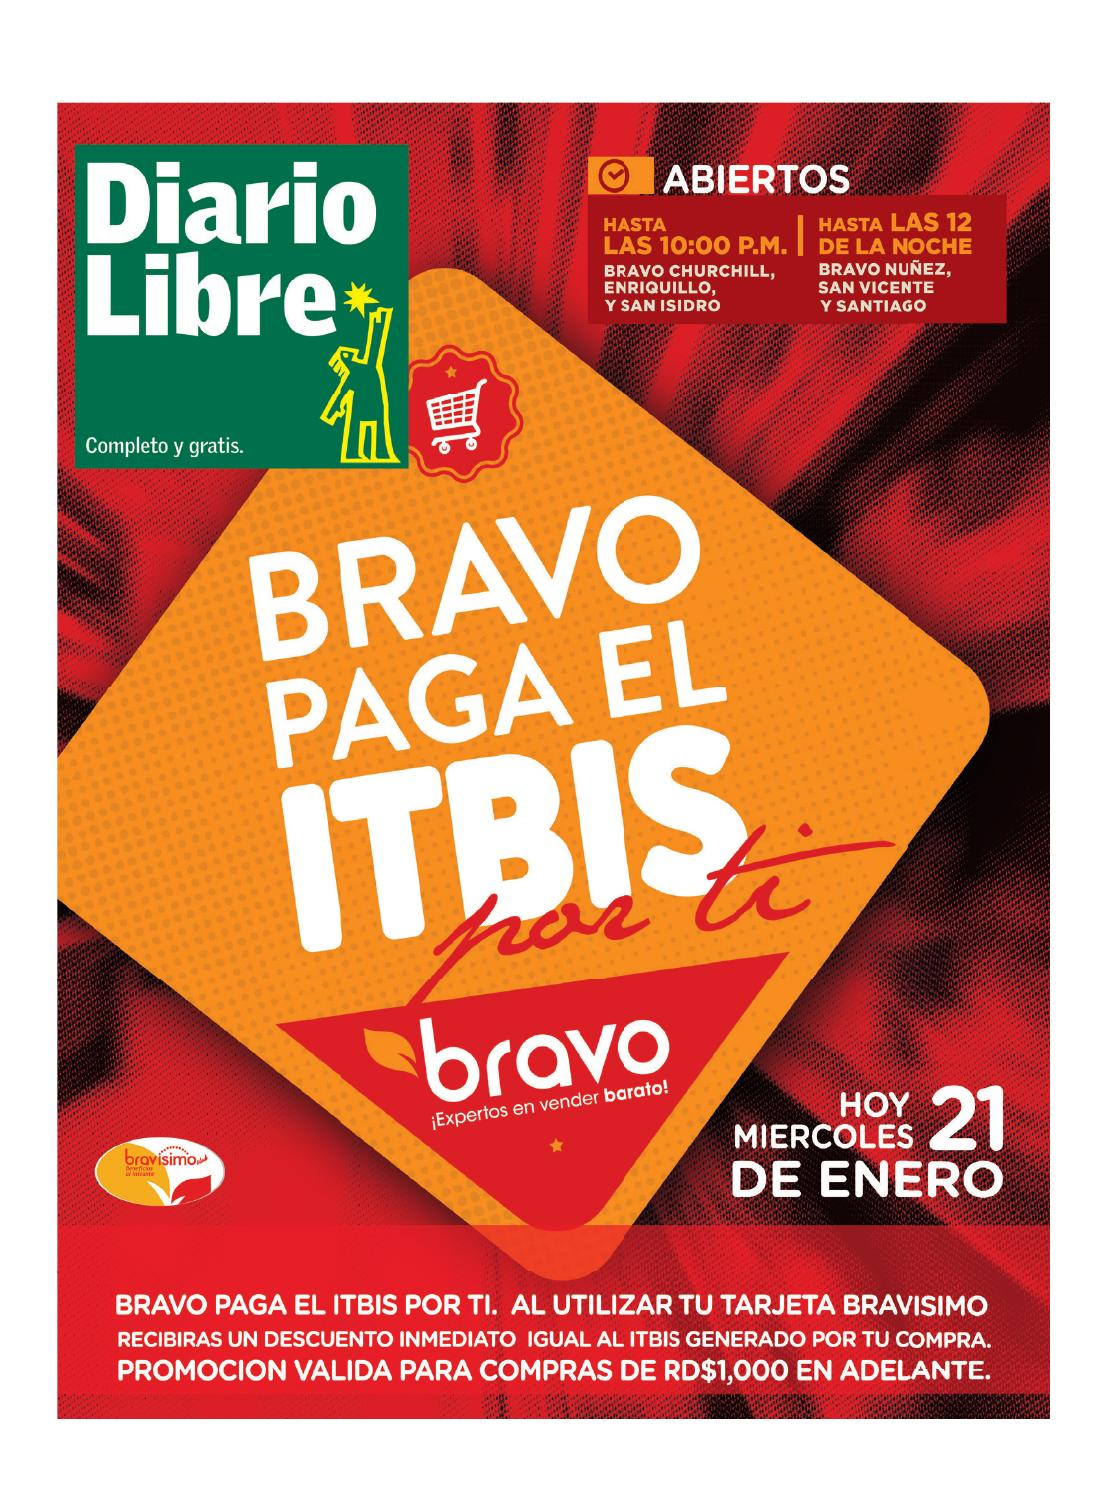 Diariolibre4156 by Grupo Diario Libre, S. A. - issuu